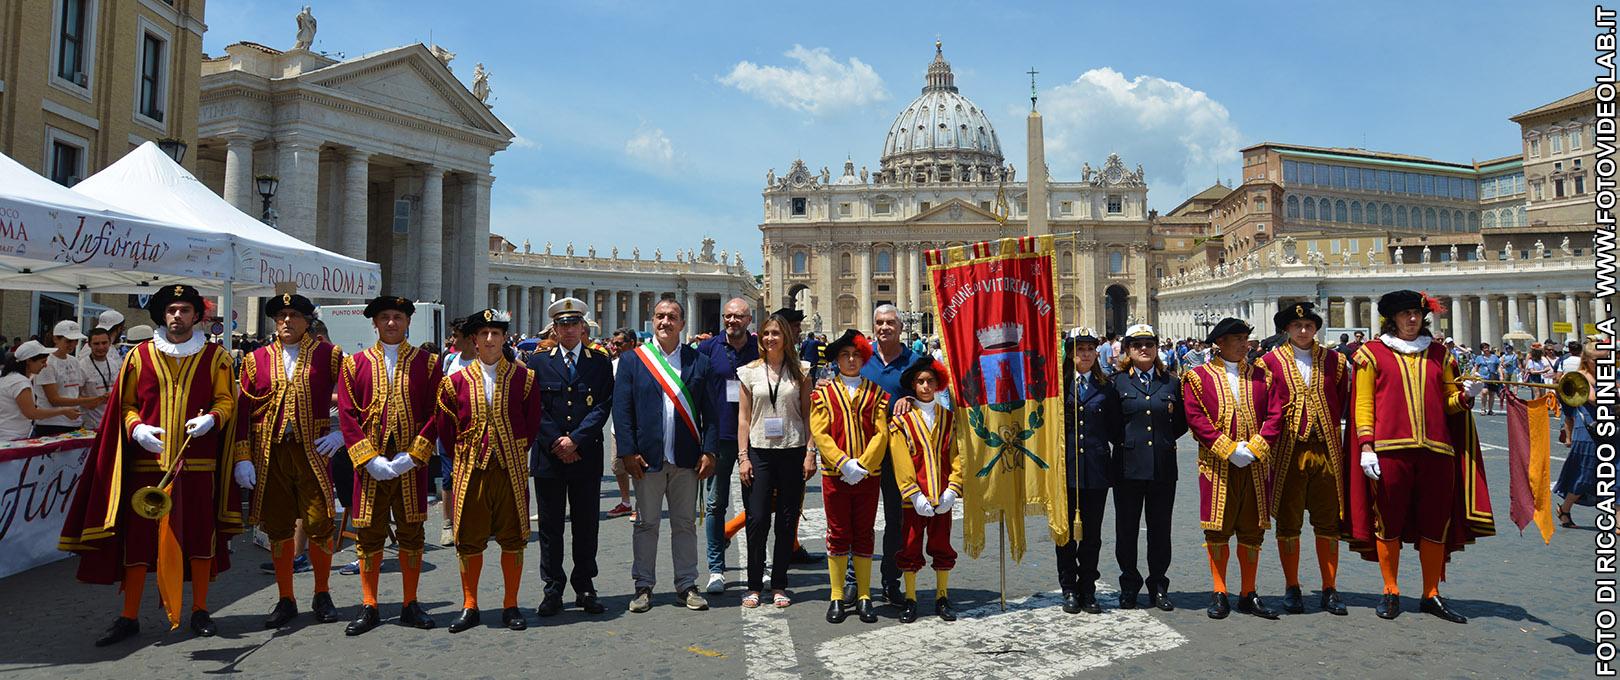 vitorchiano fedeli a roma